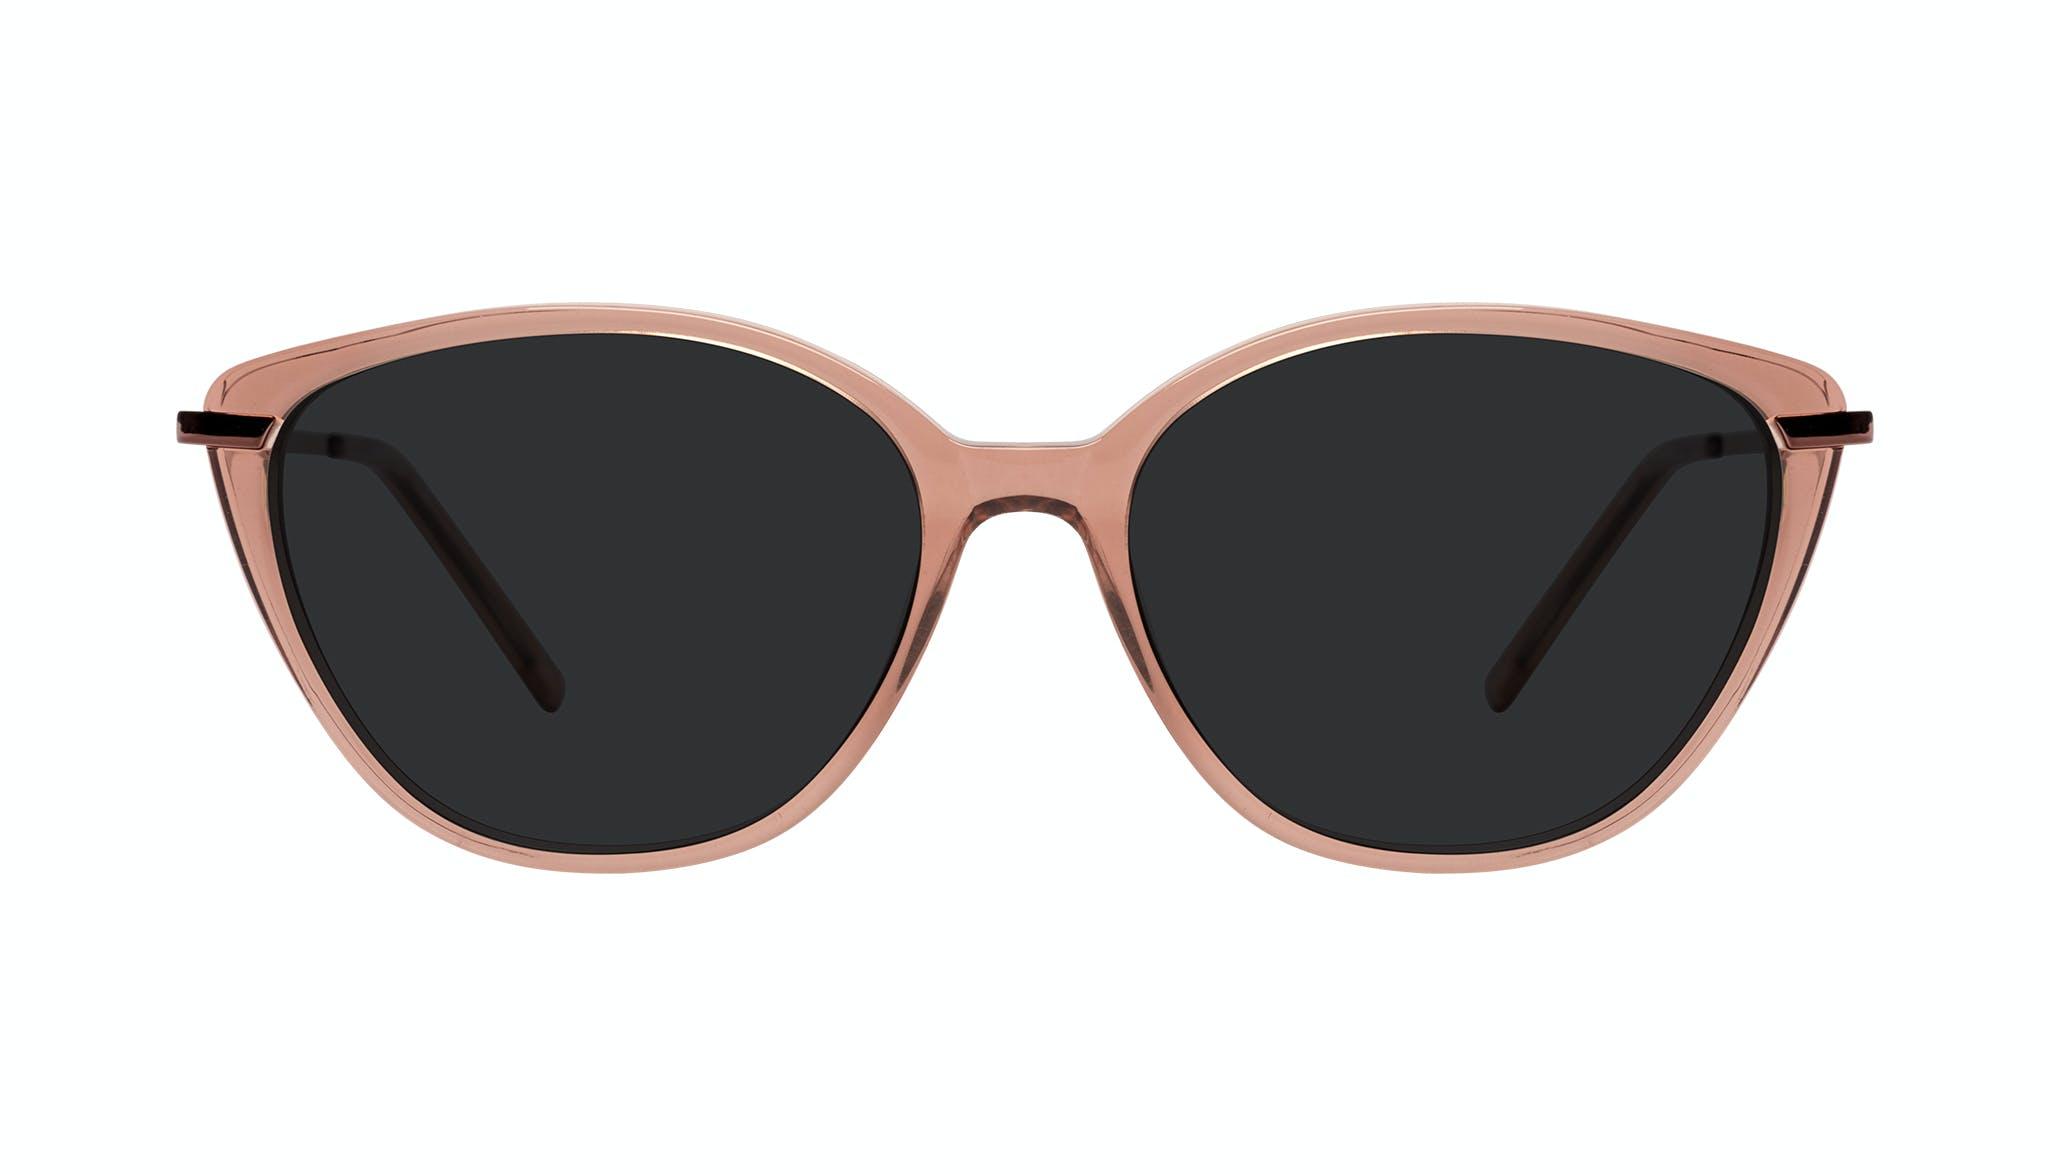 Lunettes tendance Oeil de chat Lunettes de soleil Femmes Illusion Plus Rose